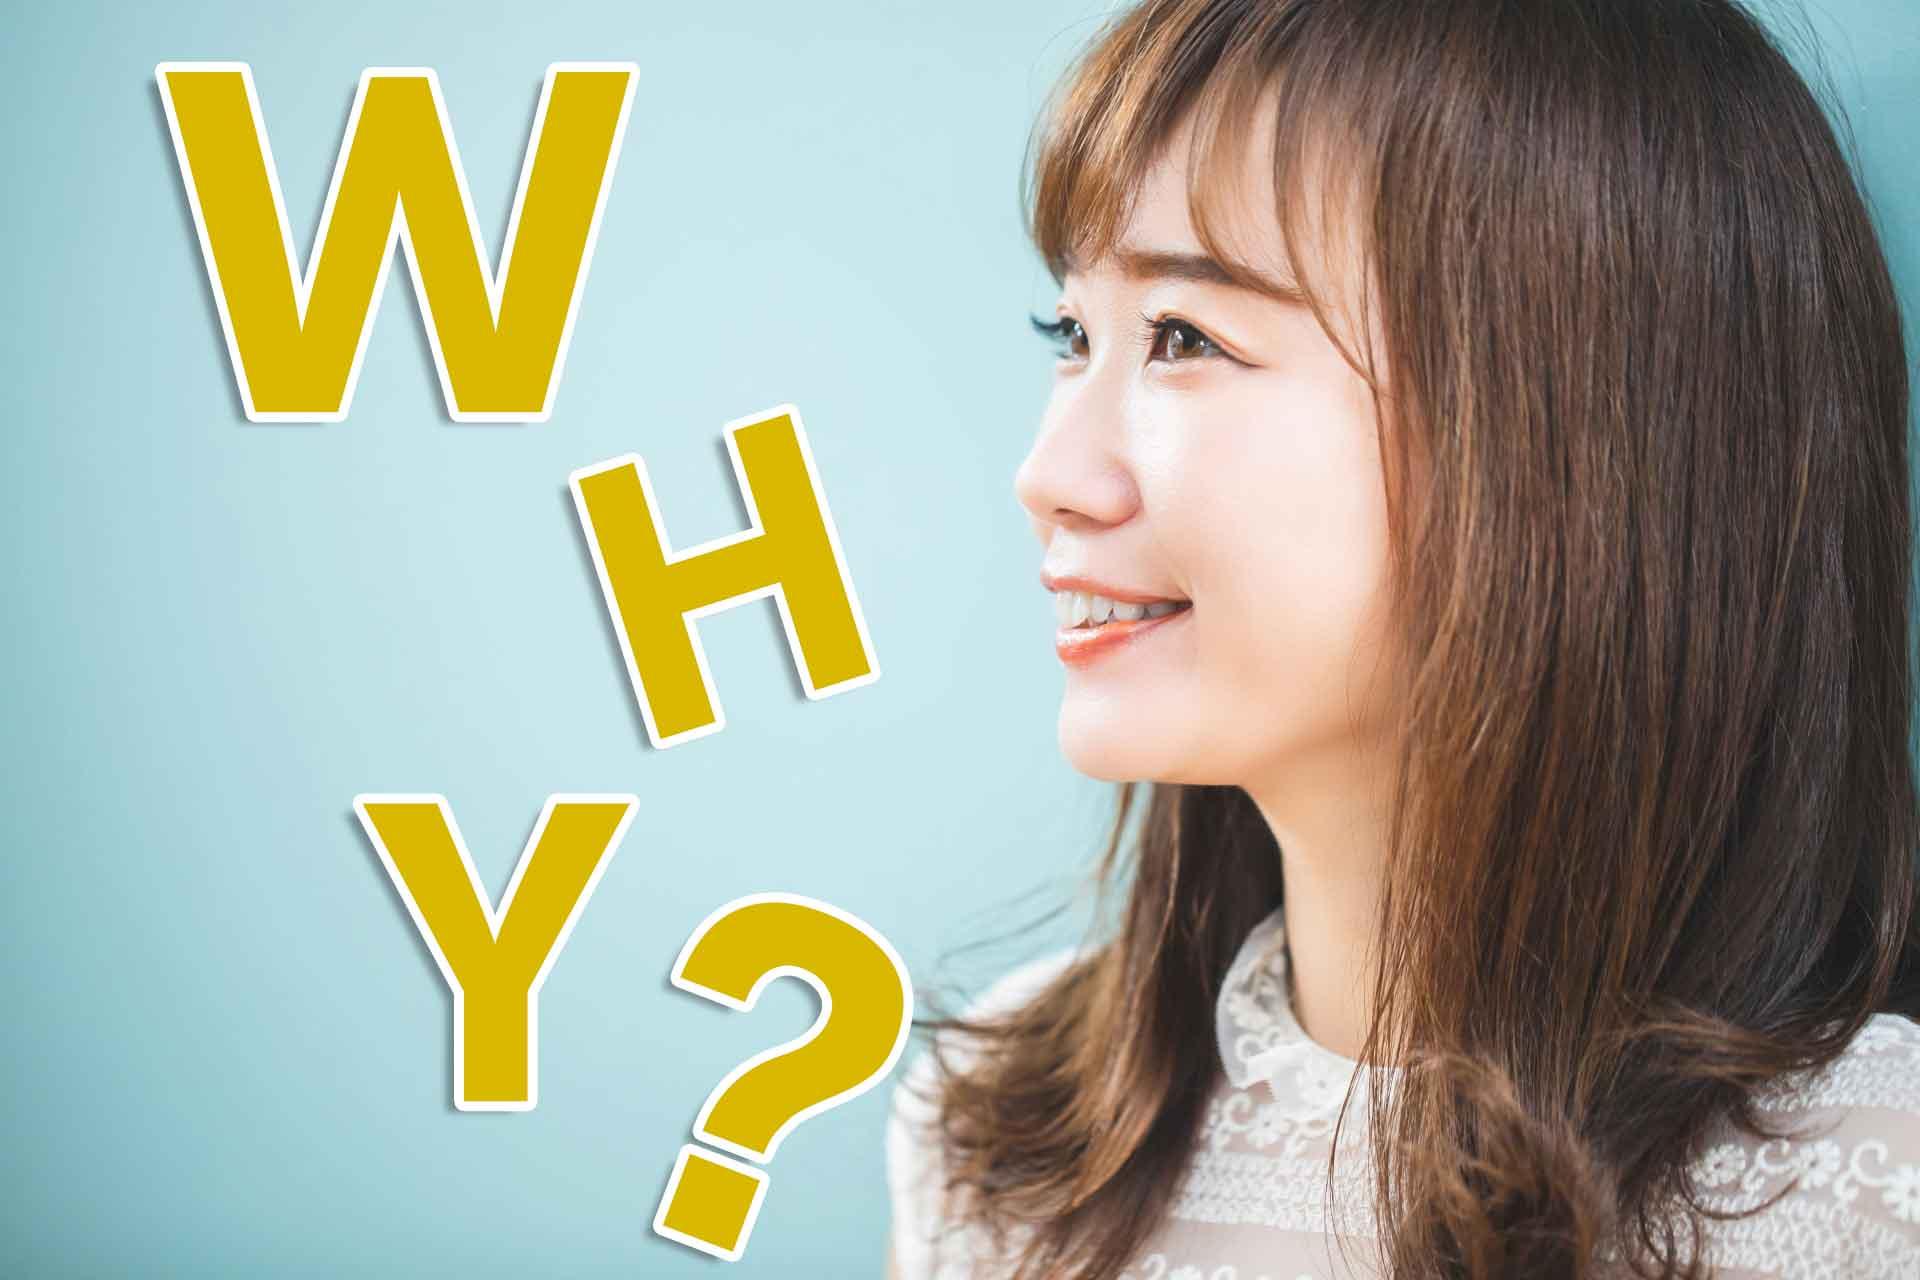 笑顔の女性と「WHY?」の文字